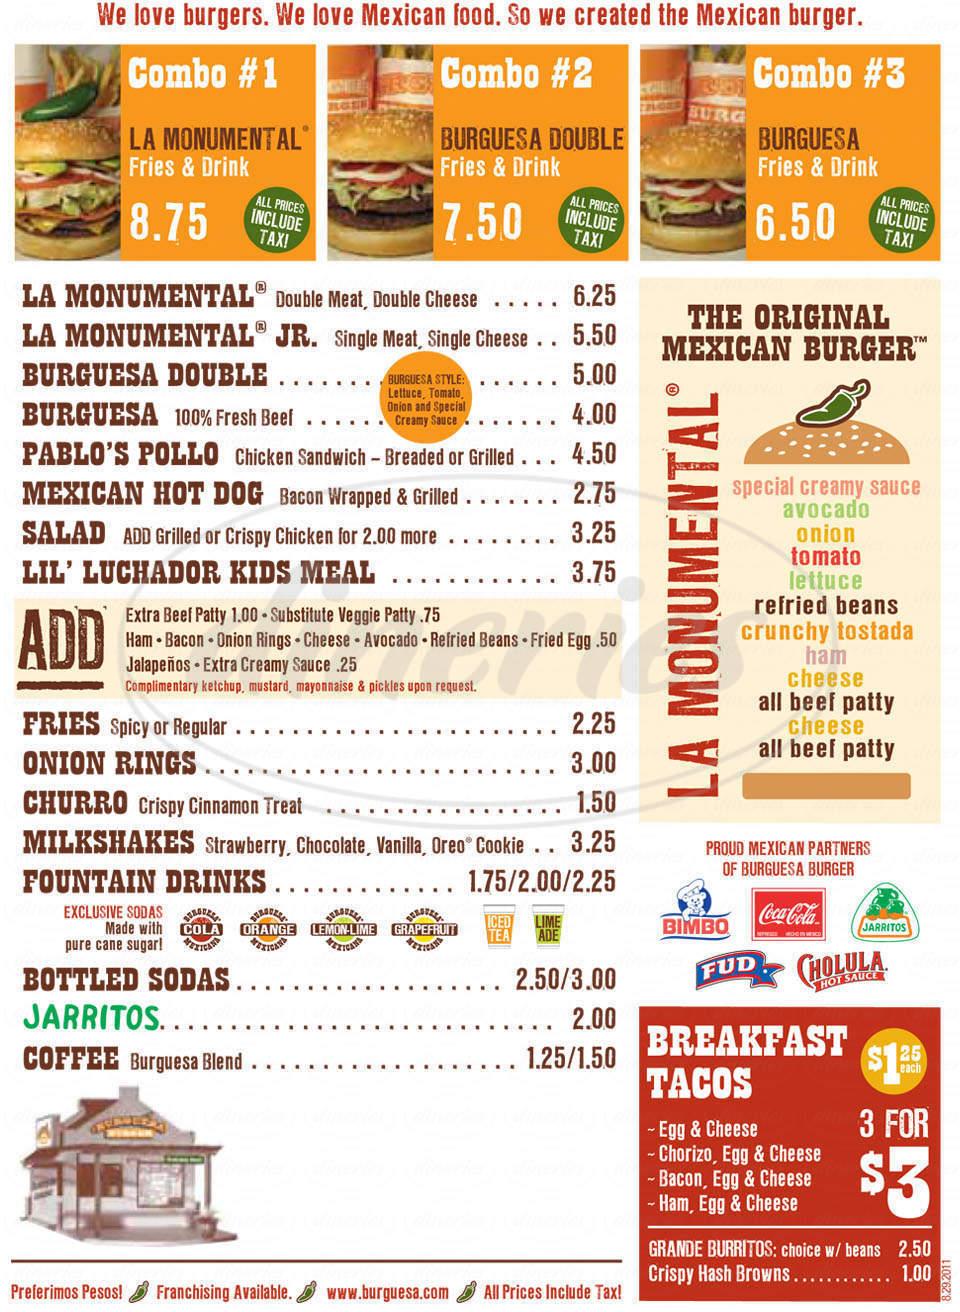 menu for Burguesa Burger